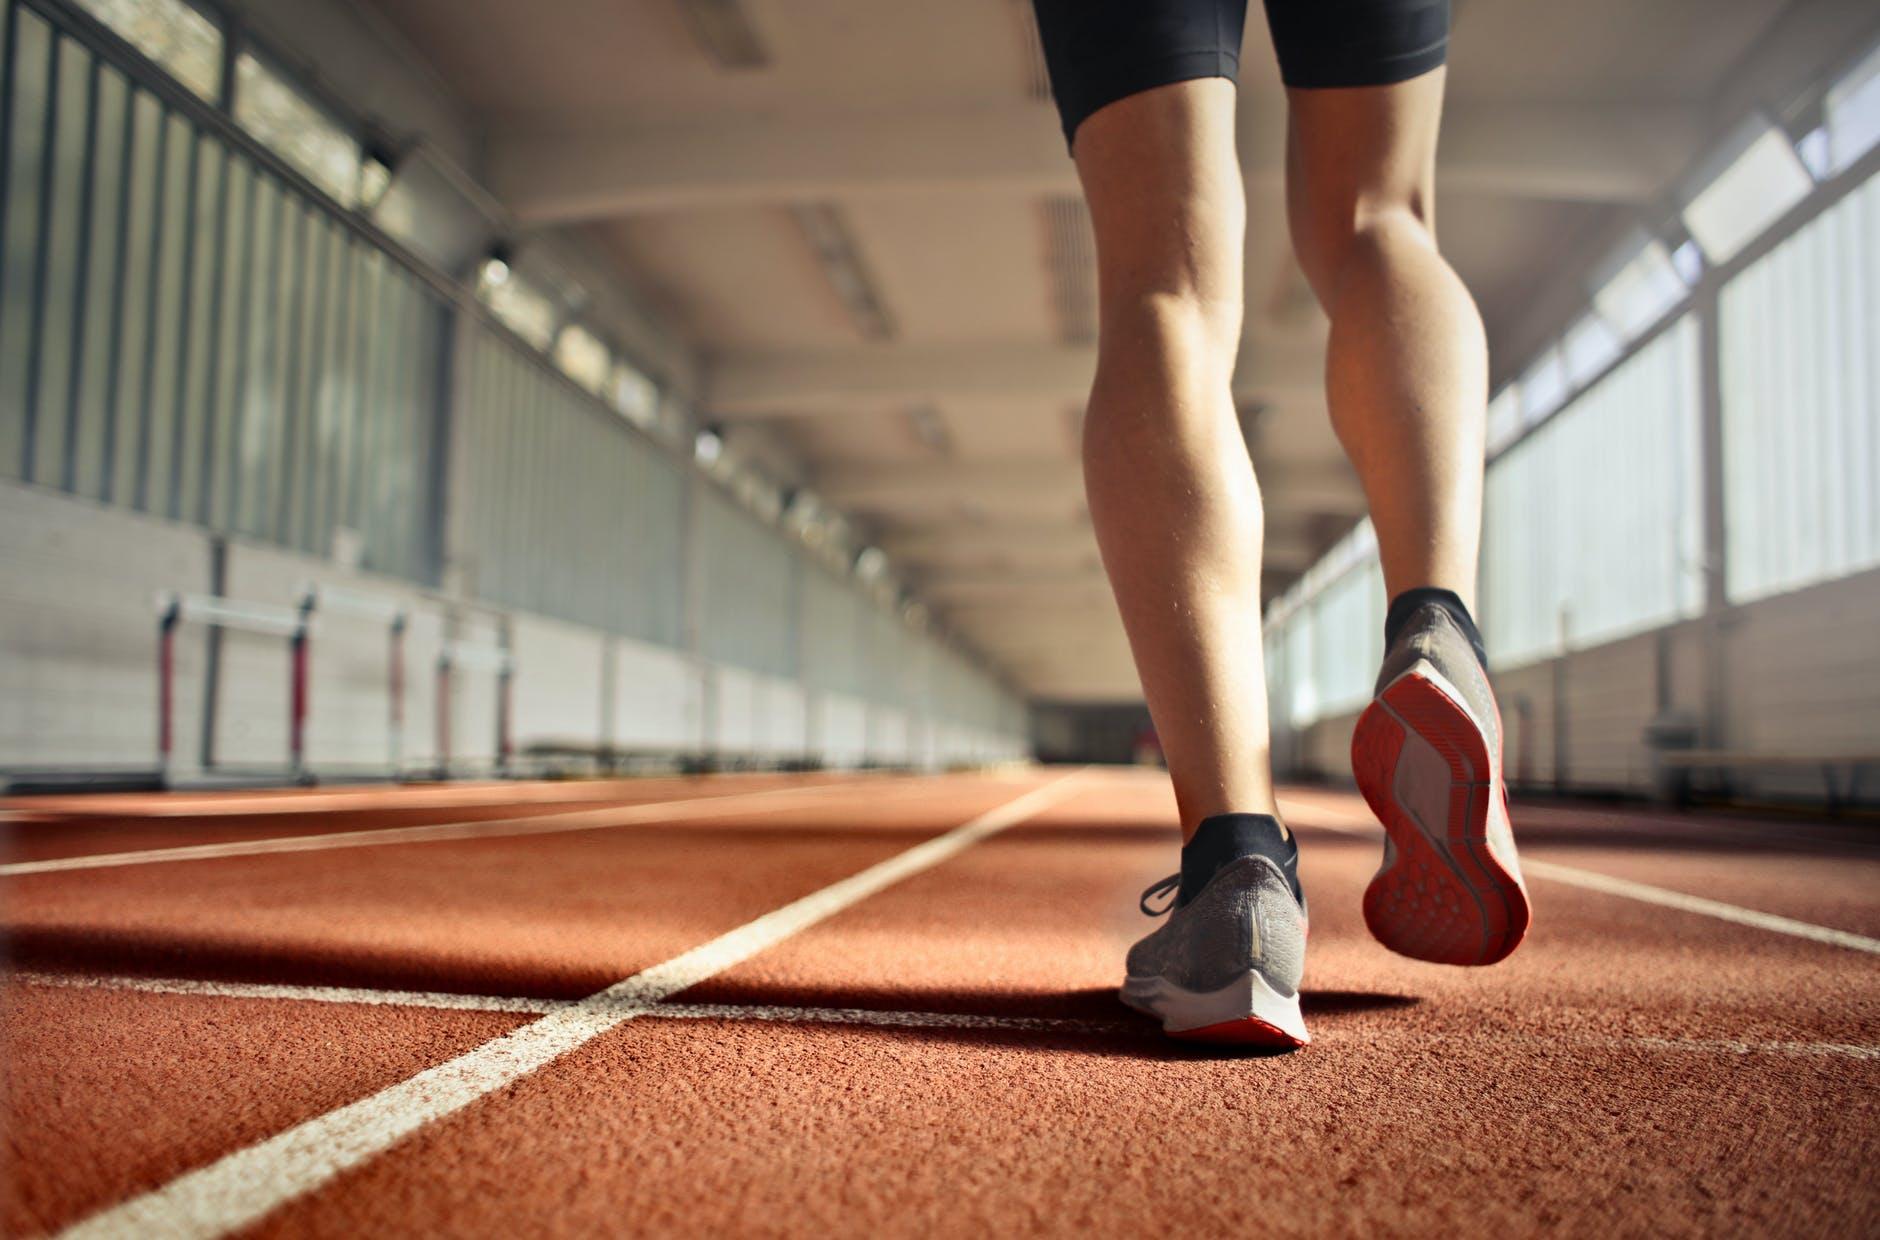 Covid-19: ¿cómo se vuelve al ejercicio después de la enfermedad?